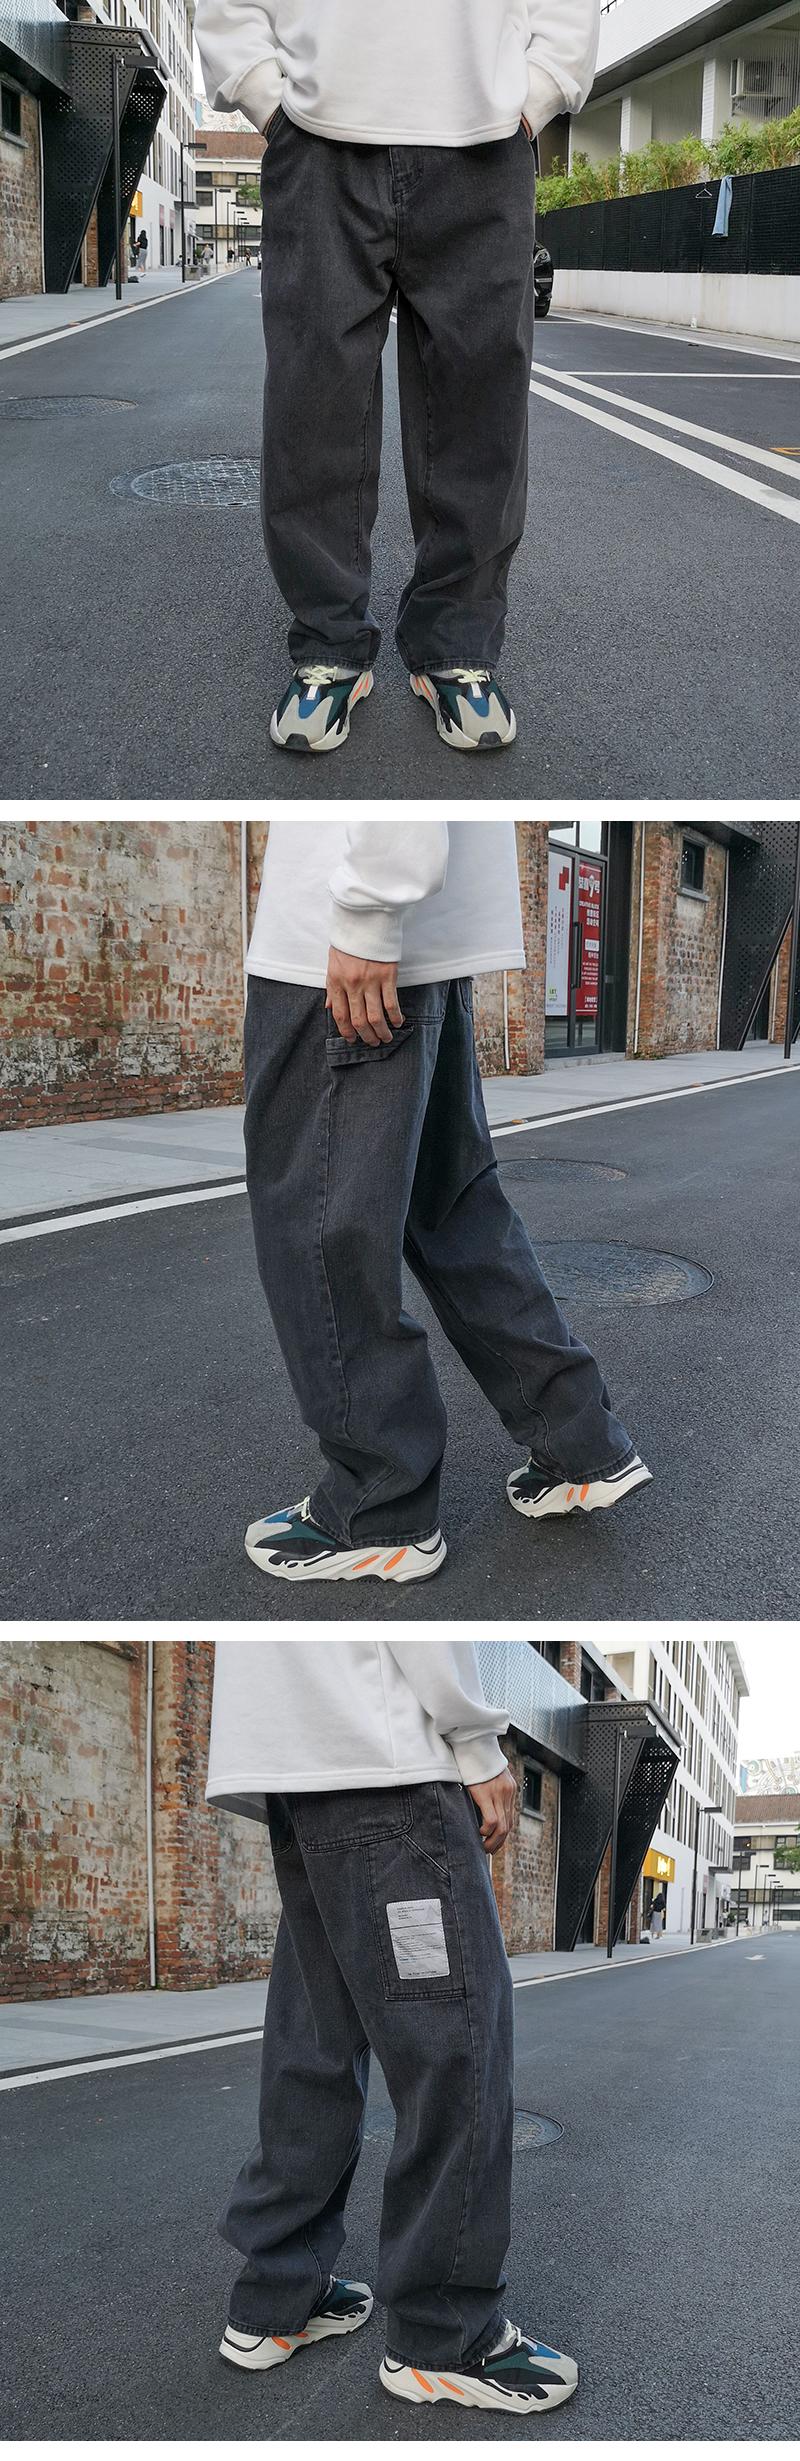 Pantalones Vaqueros Desgastados De Pierna Ancha Para Hombre Venta Al Por Mayor Precio De Venta Directa De Fabrica China Buy De La Pierna De Los Pantalones Vaqueros Hombre Vaqueros De Pierna Ancha Amplia Pierna